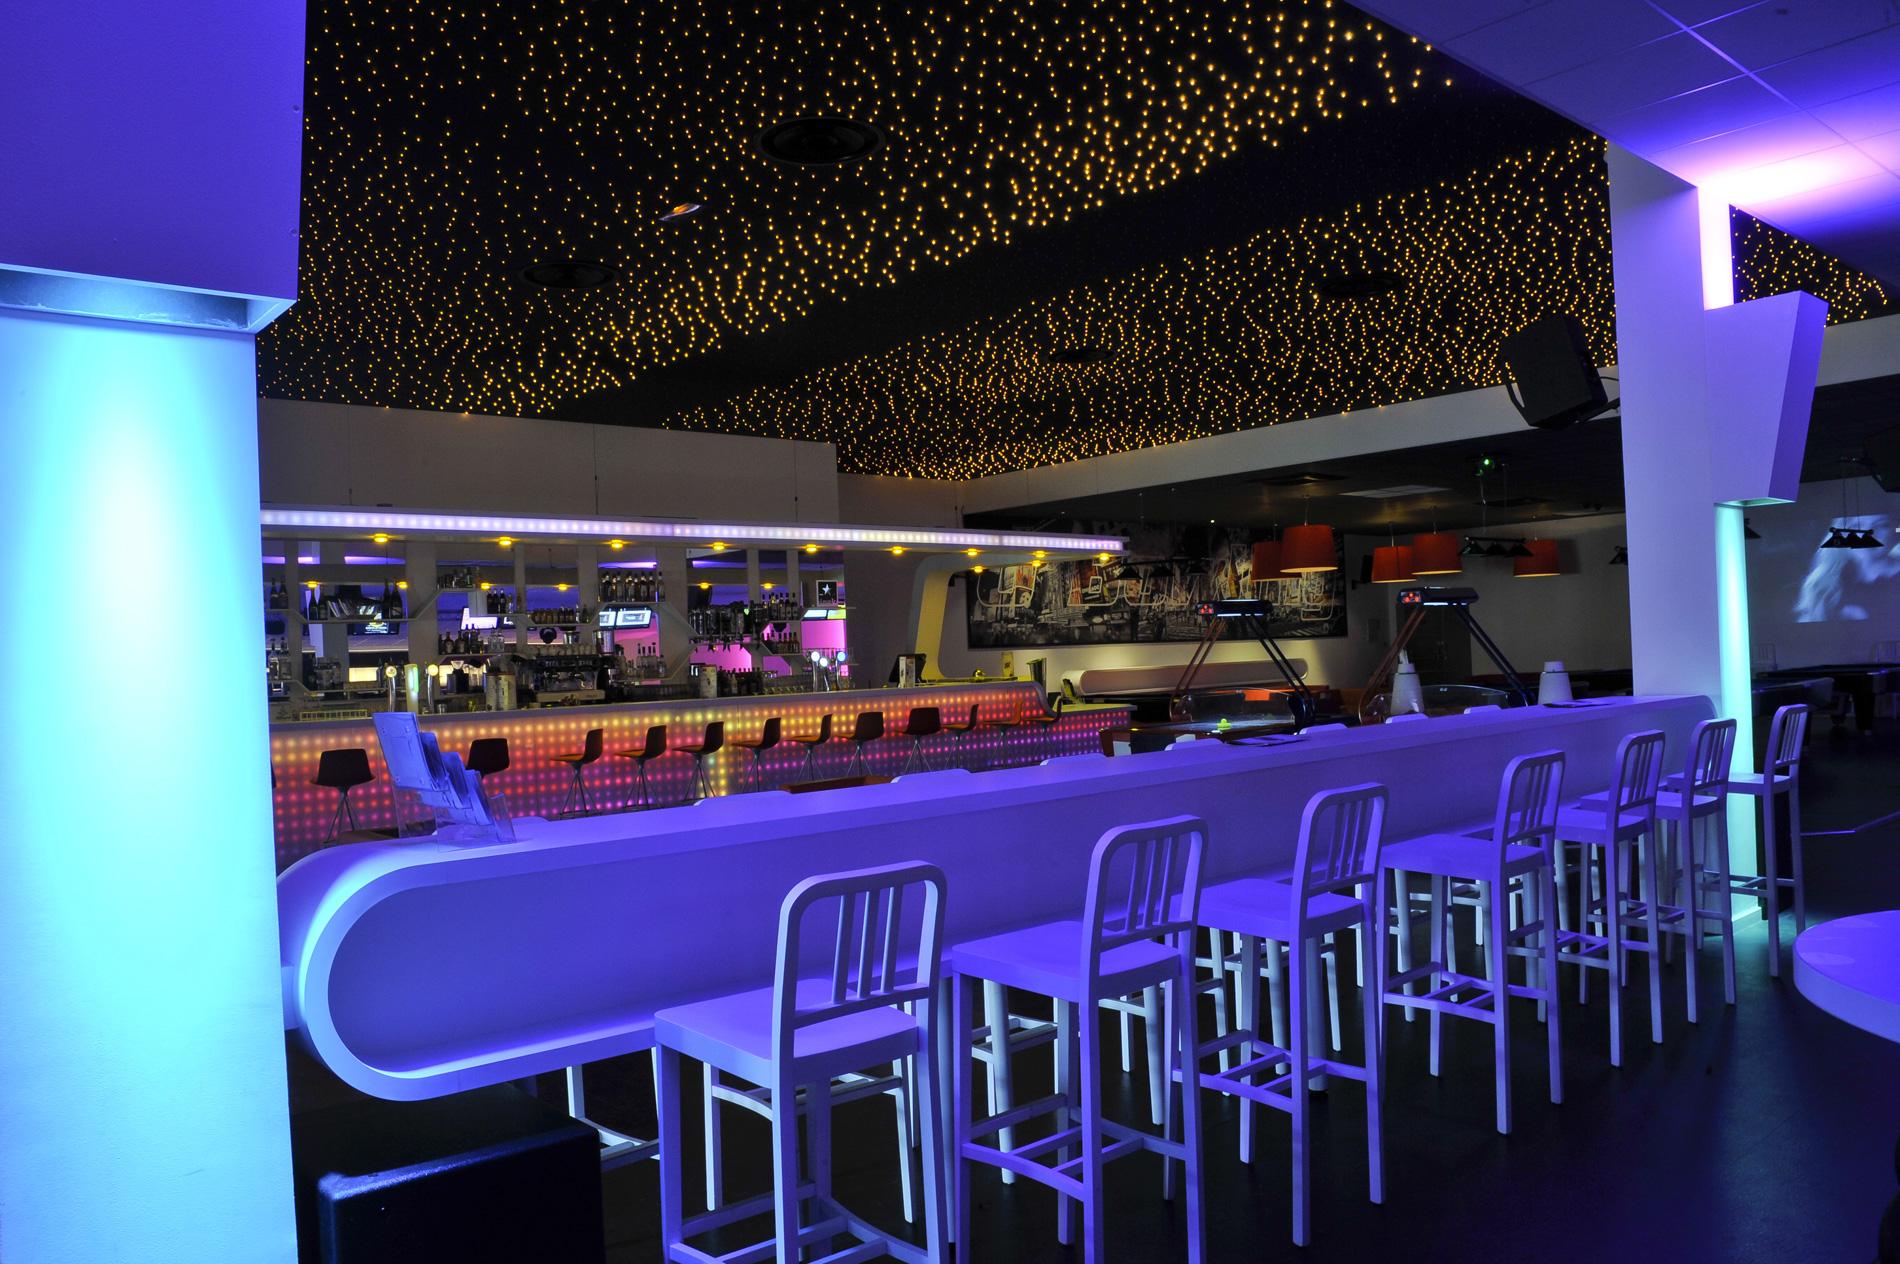 plafond_led-bar-vue-des_pistes-ciel_étoilé,_leds_sans_fil_à_piquer.jpg